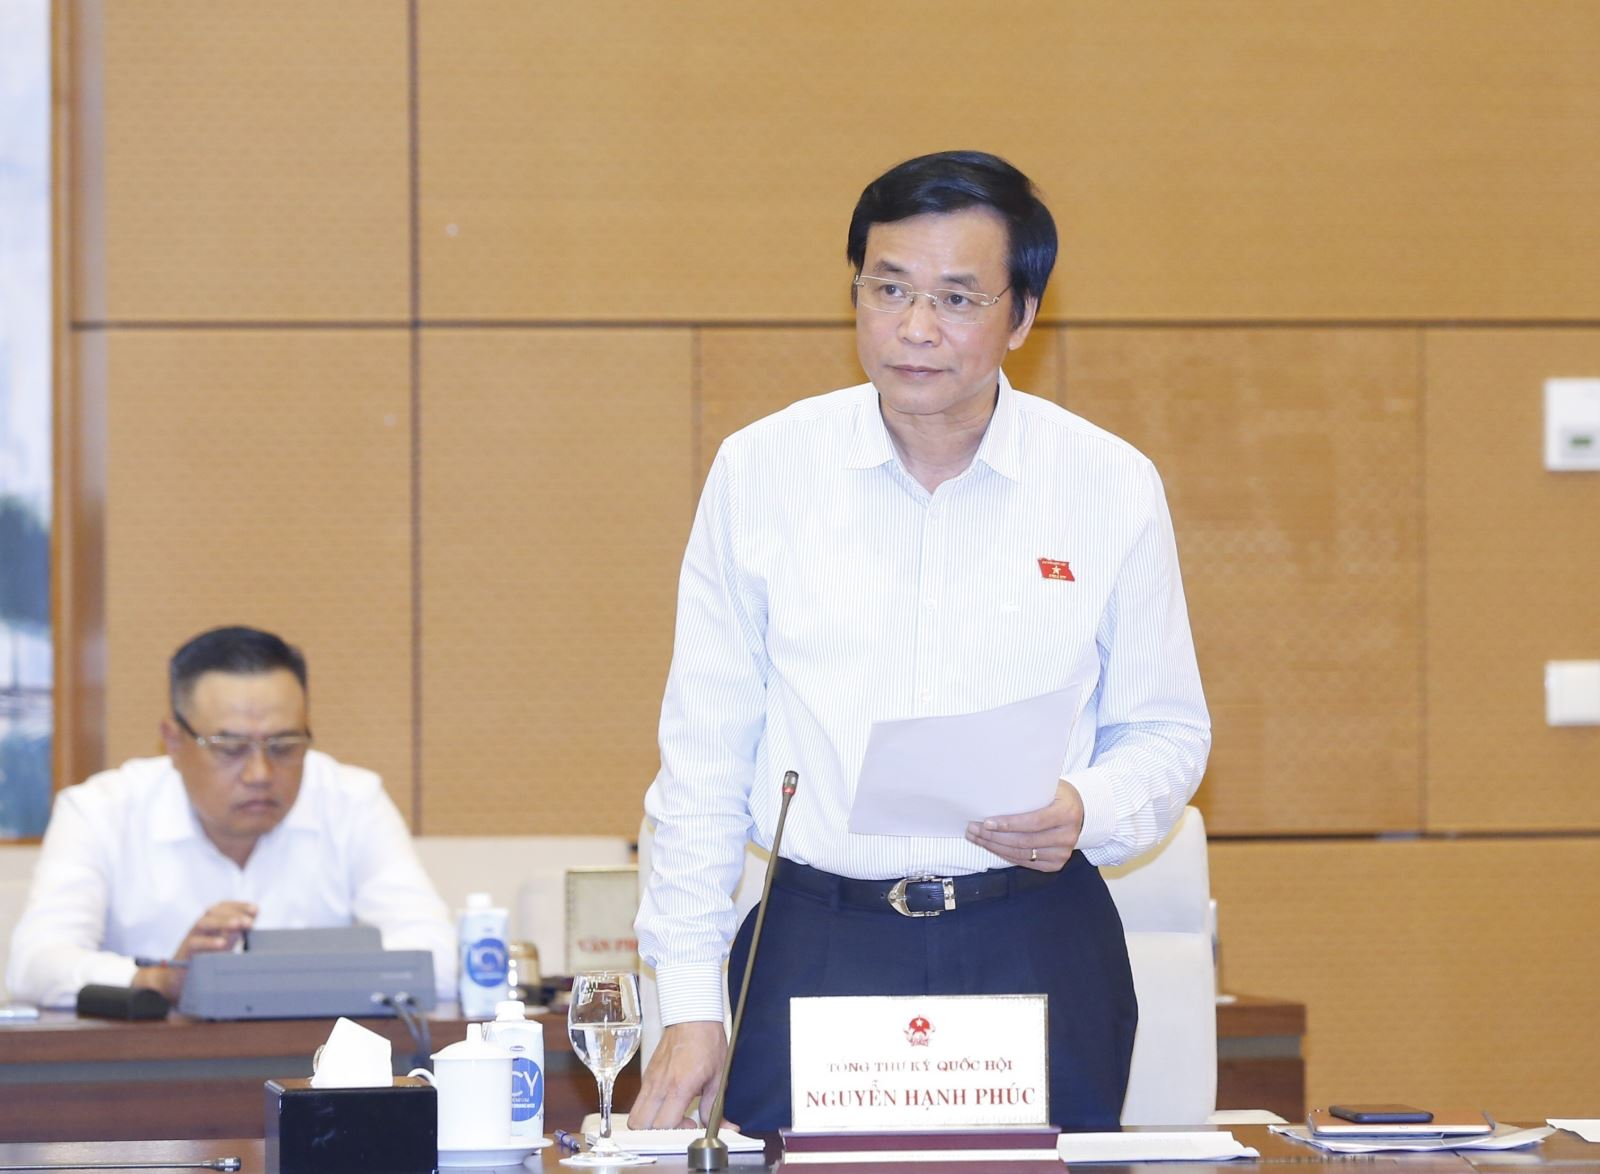 Tổng Thư ký Quốc hội, Chủ nhiệm Văn phòng Quốc hội Nguyễn Hạnh Phúc. Ảnh: Doãn Tấn/TTXVN